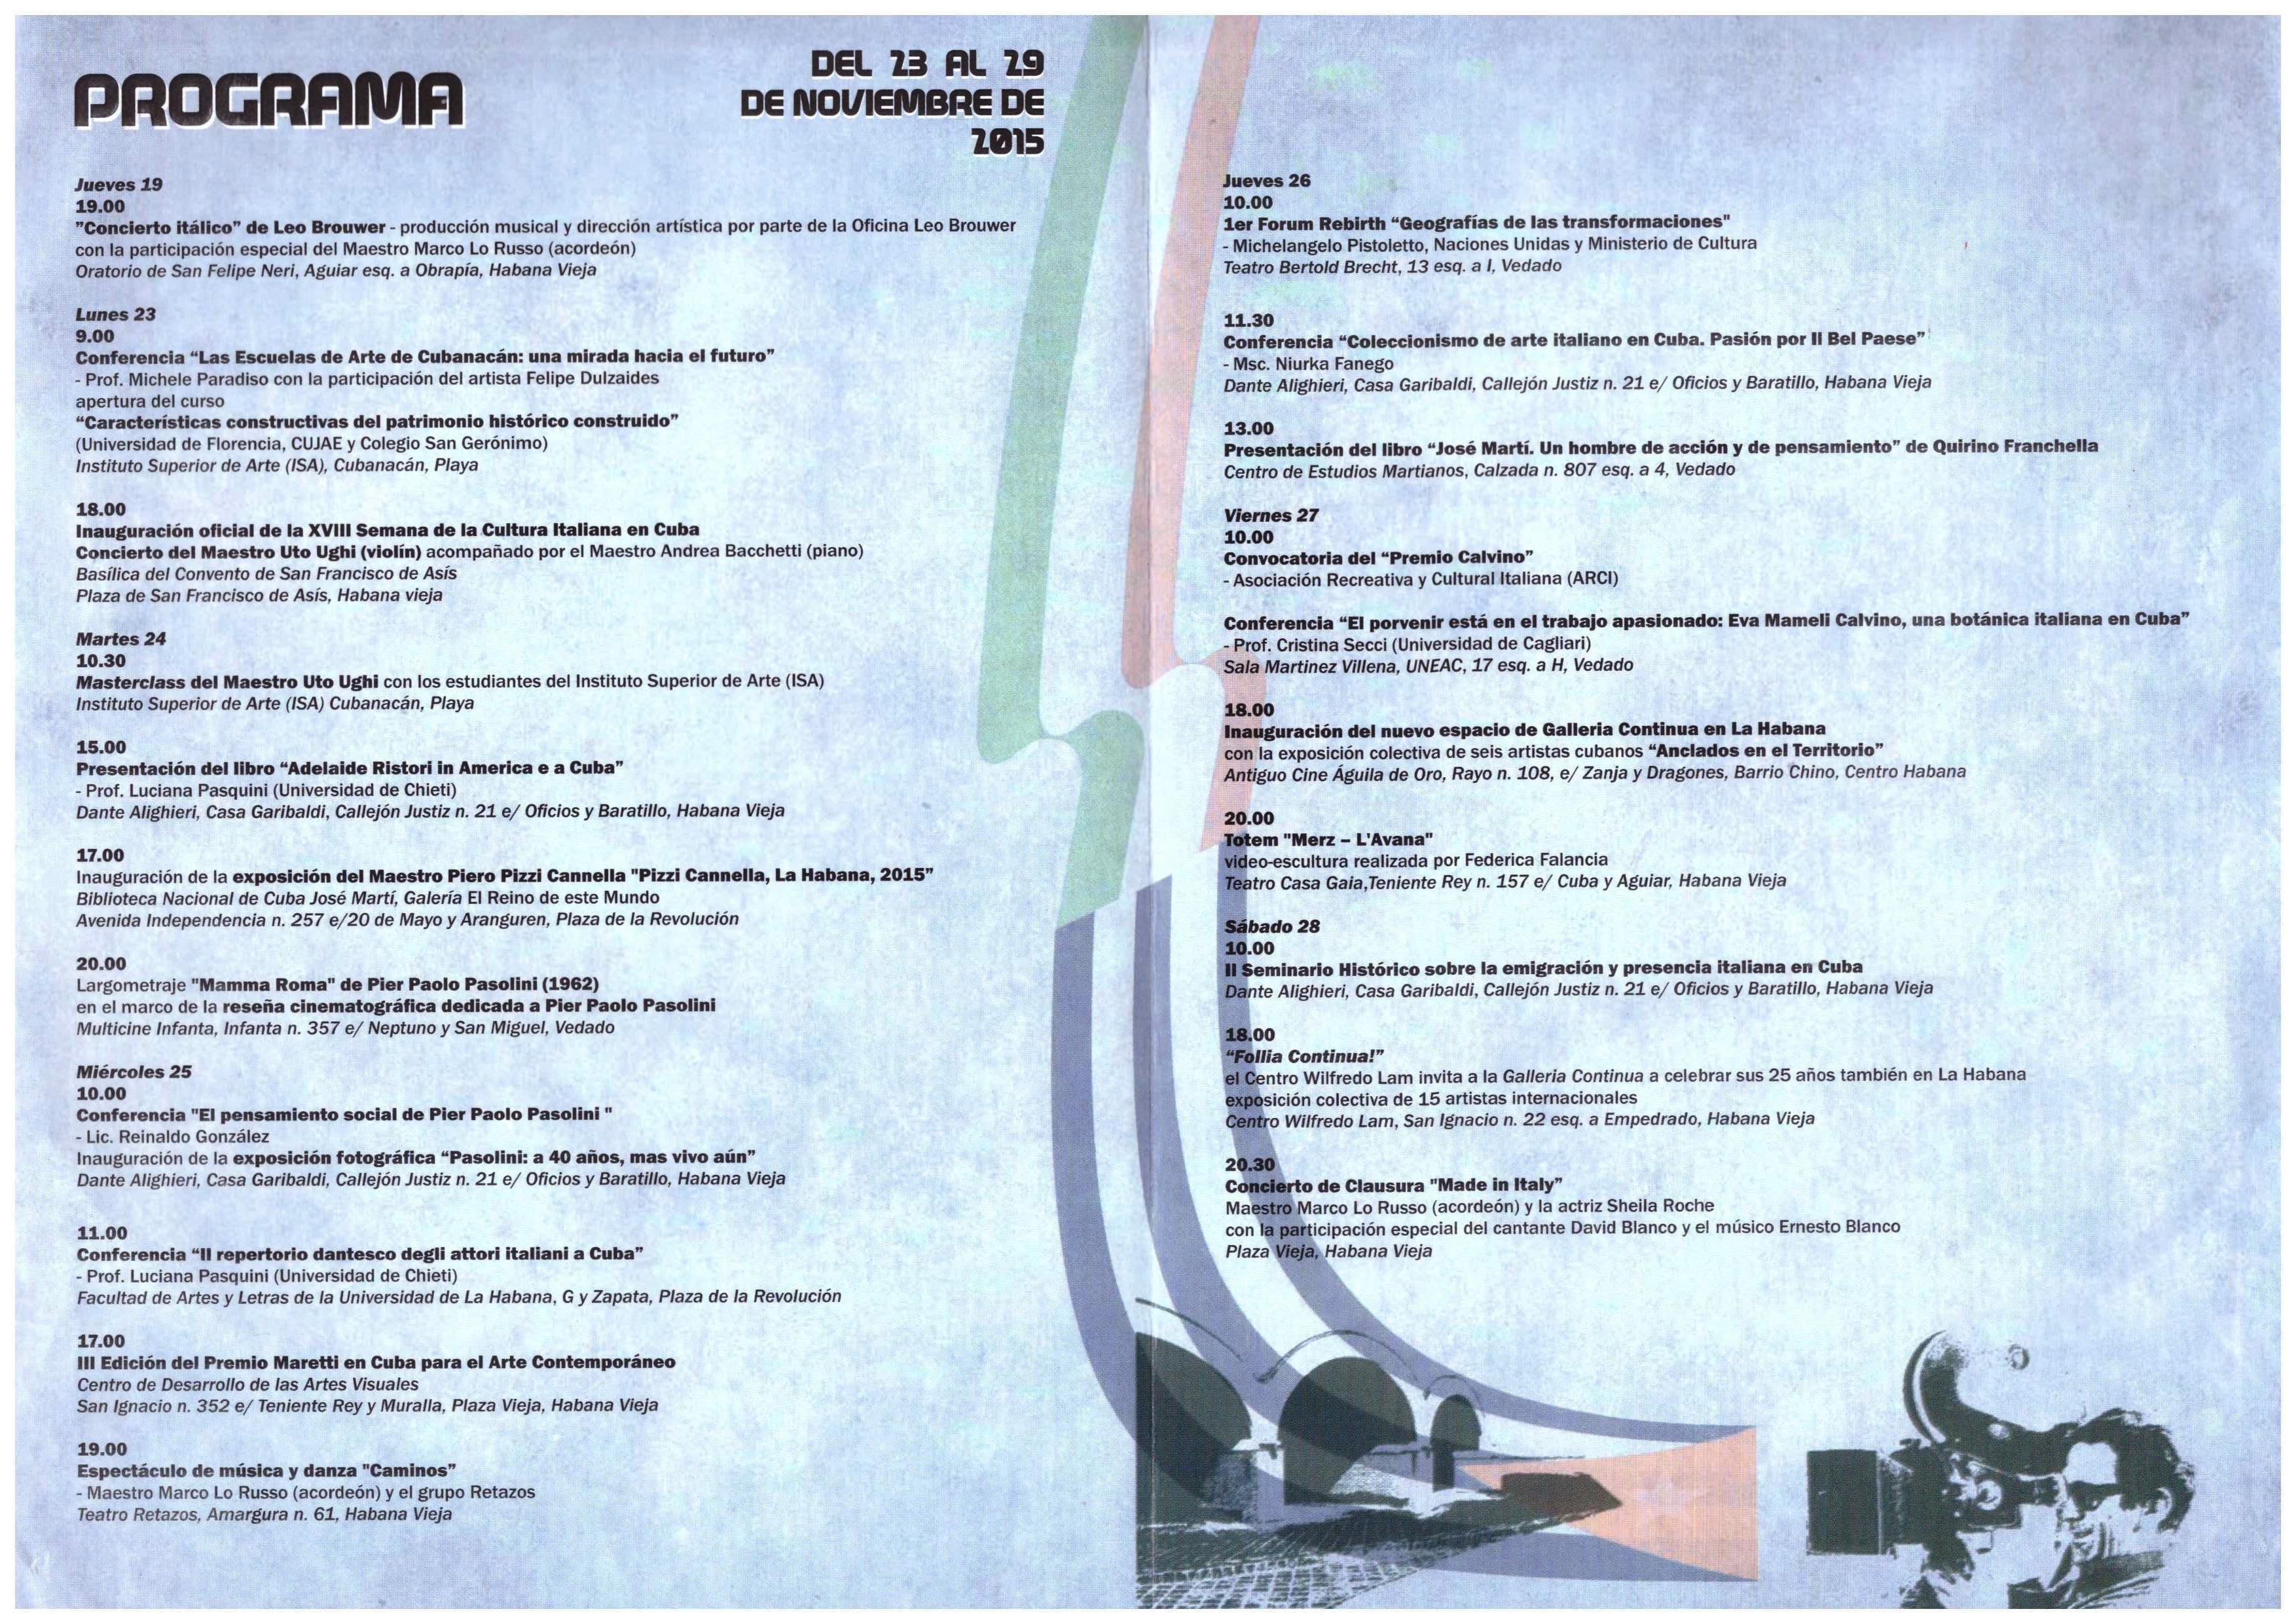 Settimana Della Cultura Italiana Cuba programma